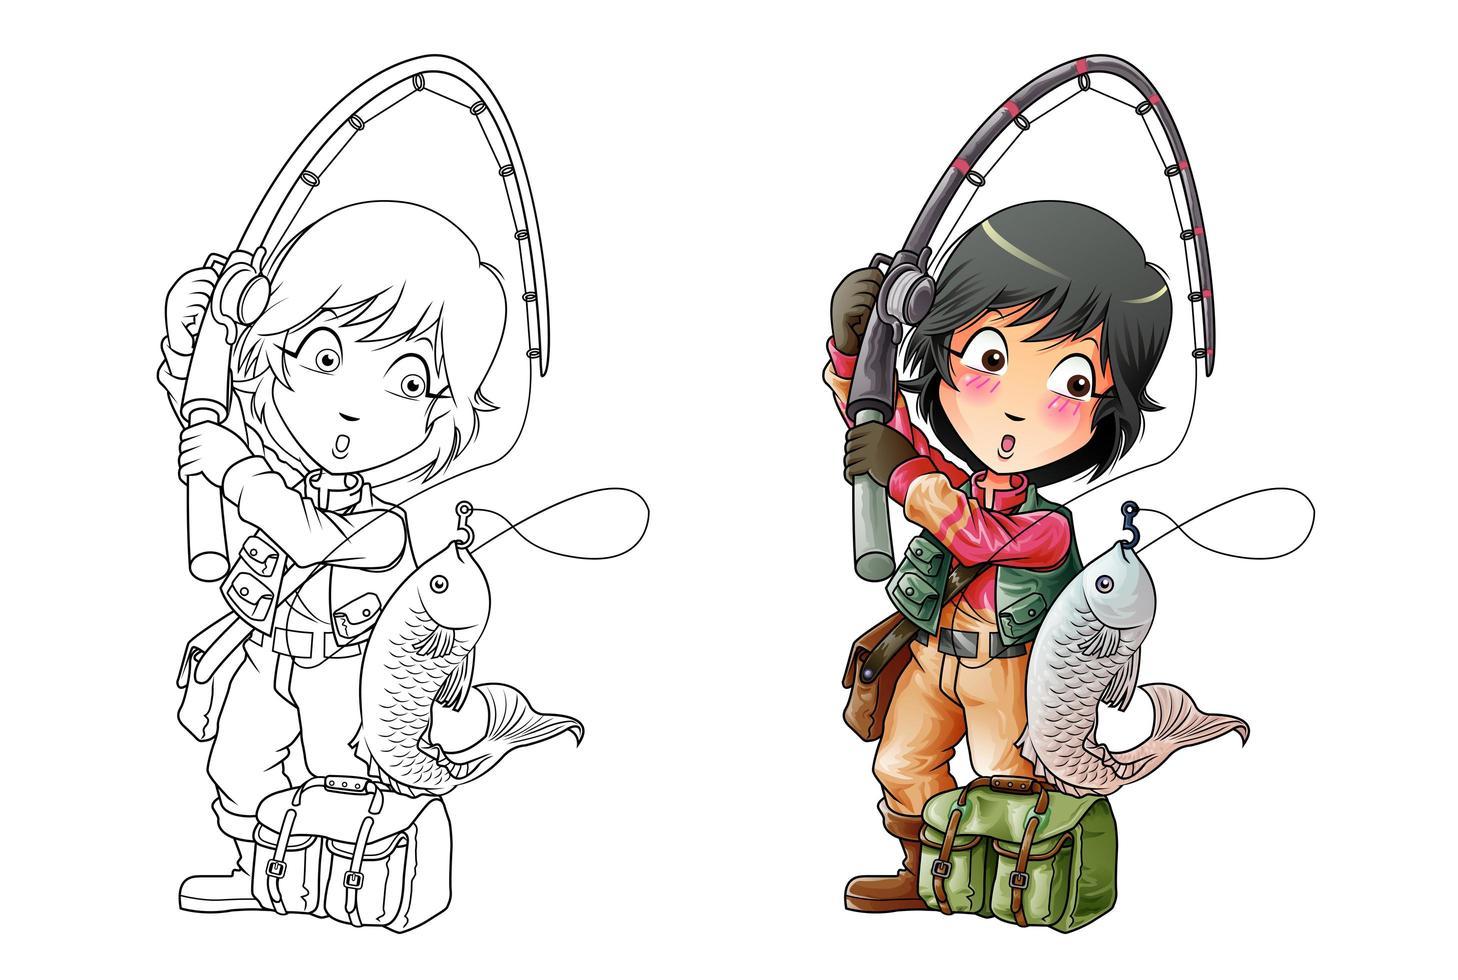 Coloriage De Dessin Anime De Peche Pour Les Enfants Telecharger Vectoriel Gratuit Clipart Graphique Vecteur Dessins Et Pictogramme Gratuit